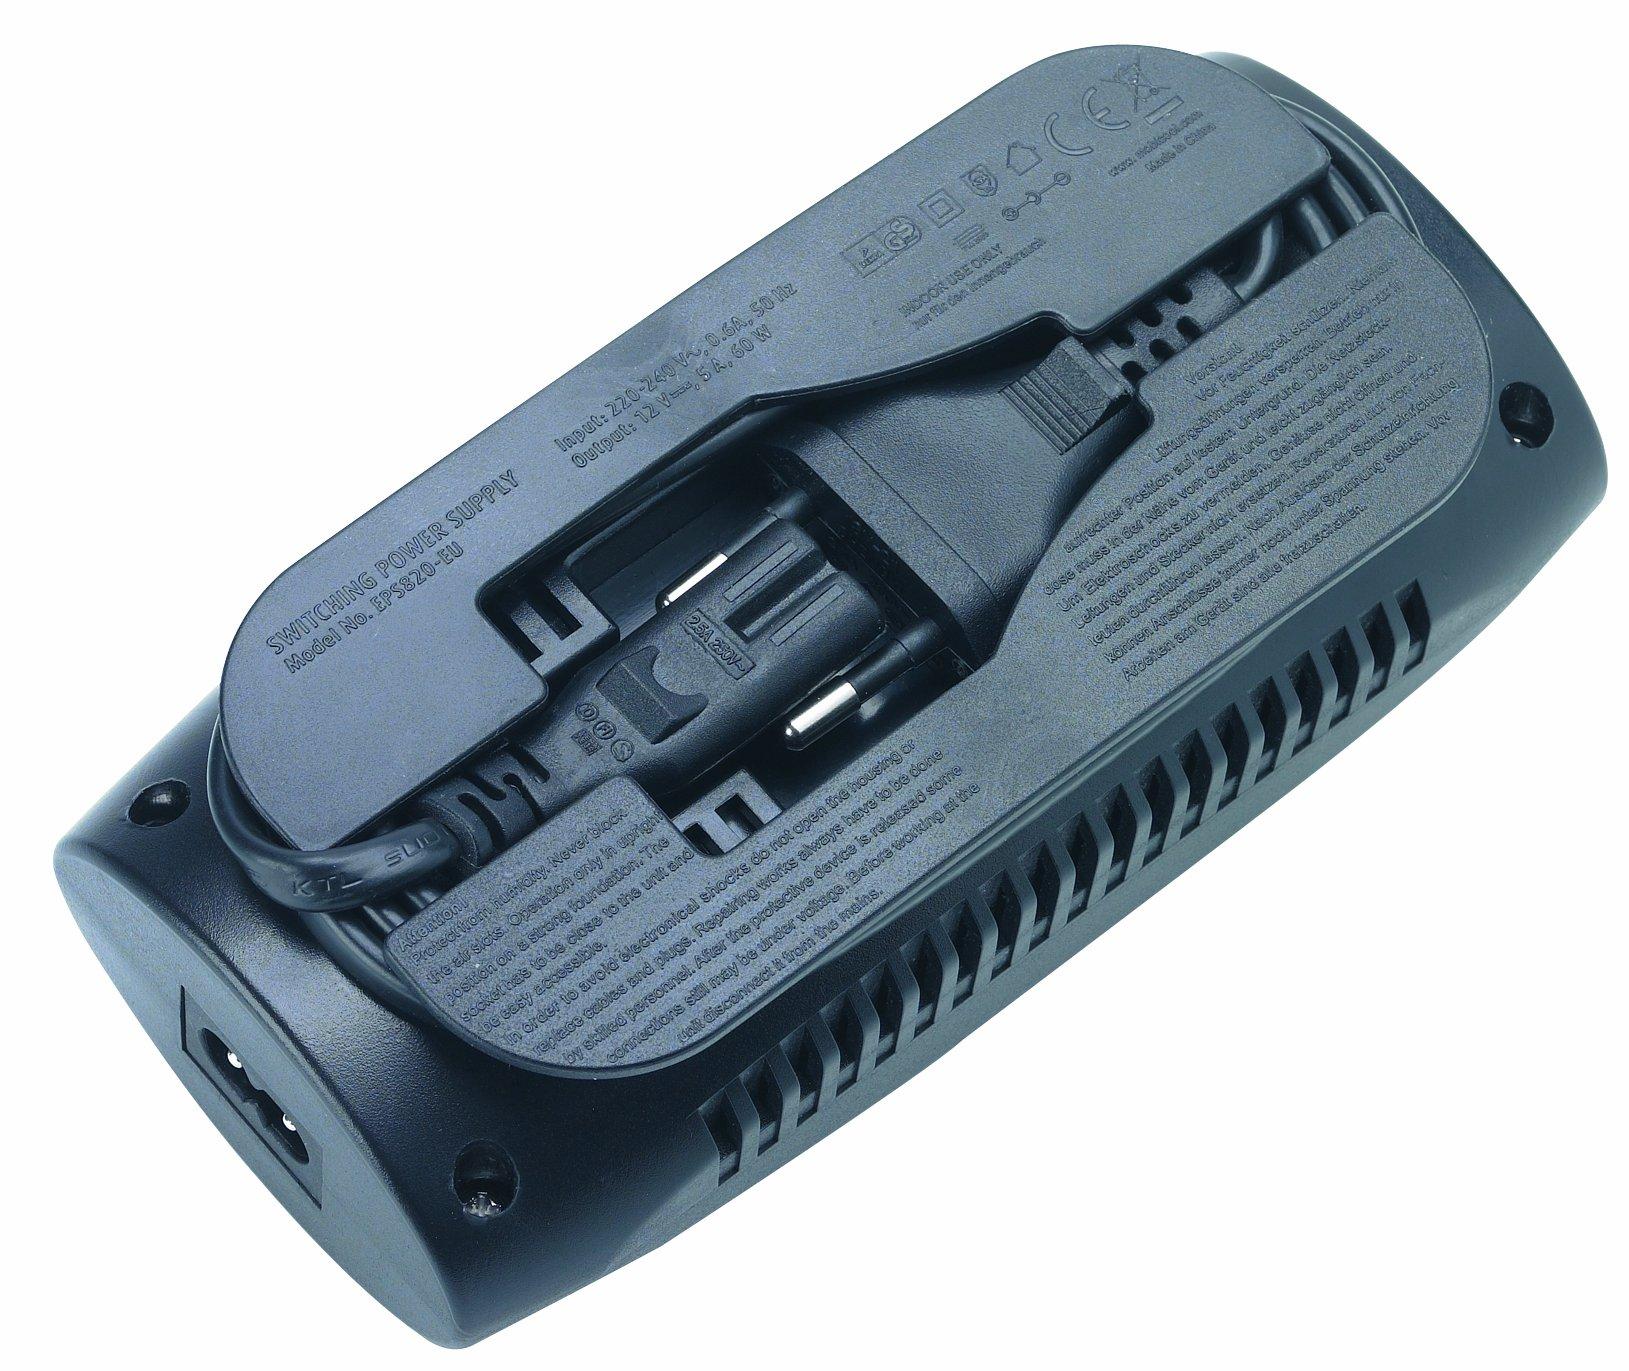 Mobicool-Y50-ACDC-Netz-Adapter-mit-Zigarettenanznder-fr-Anschluss-von-12-V-Khlgerten-an-230-V-Stromnetz